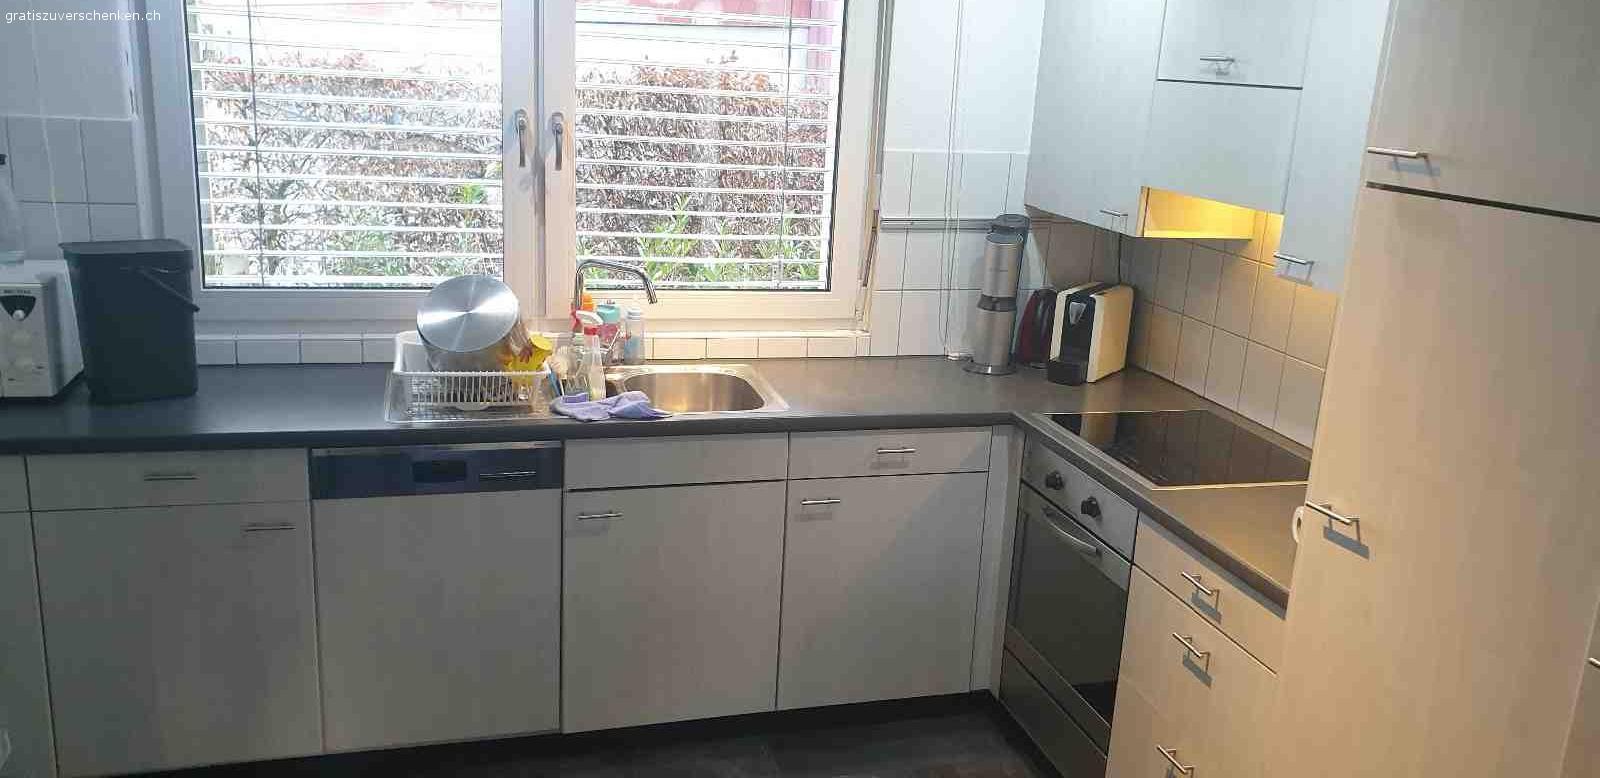 Full Size of Willhaben Komplettküche Einbauküche Ohne Kühlschrank Komplettküche Kaufen Komplettküche Mit Geräten Küche Einbauküche Ohne Kühlschrank